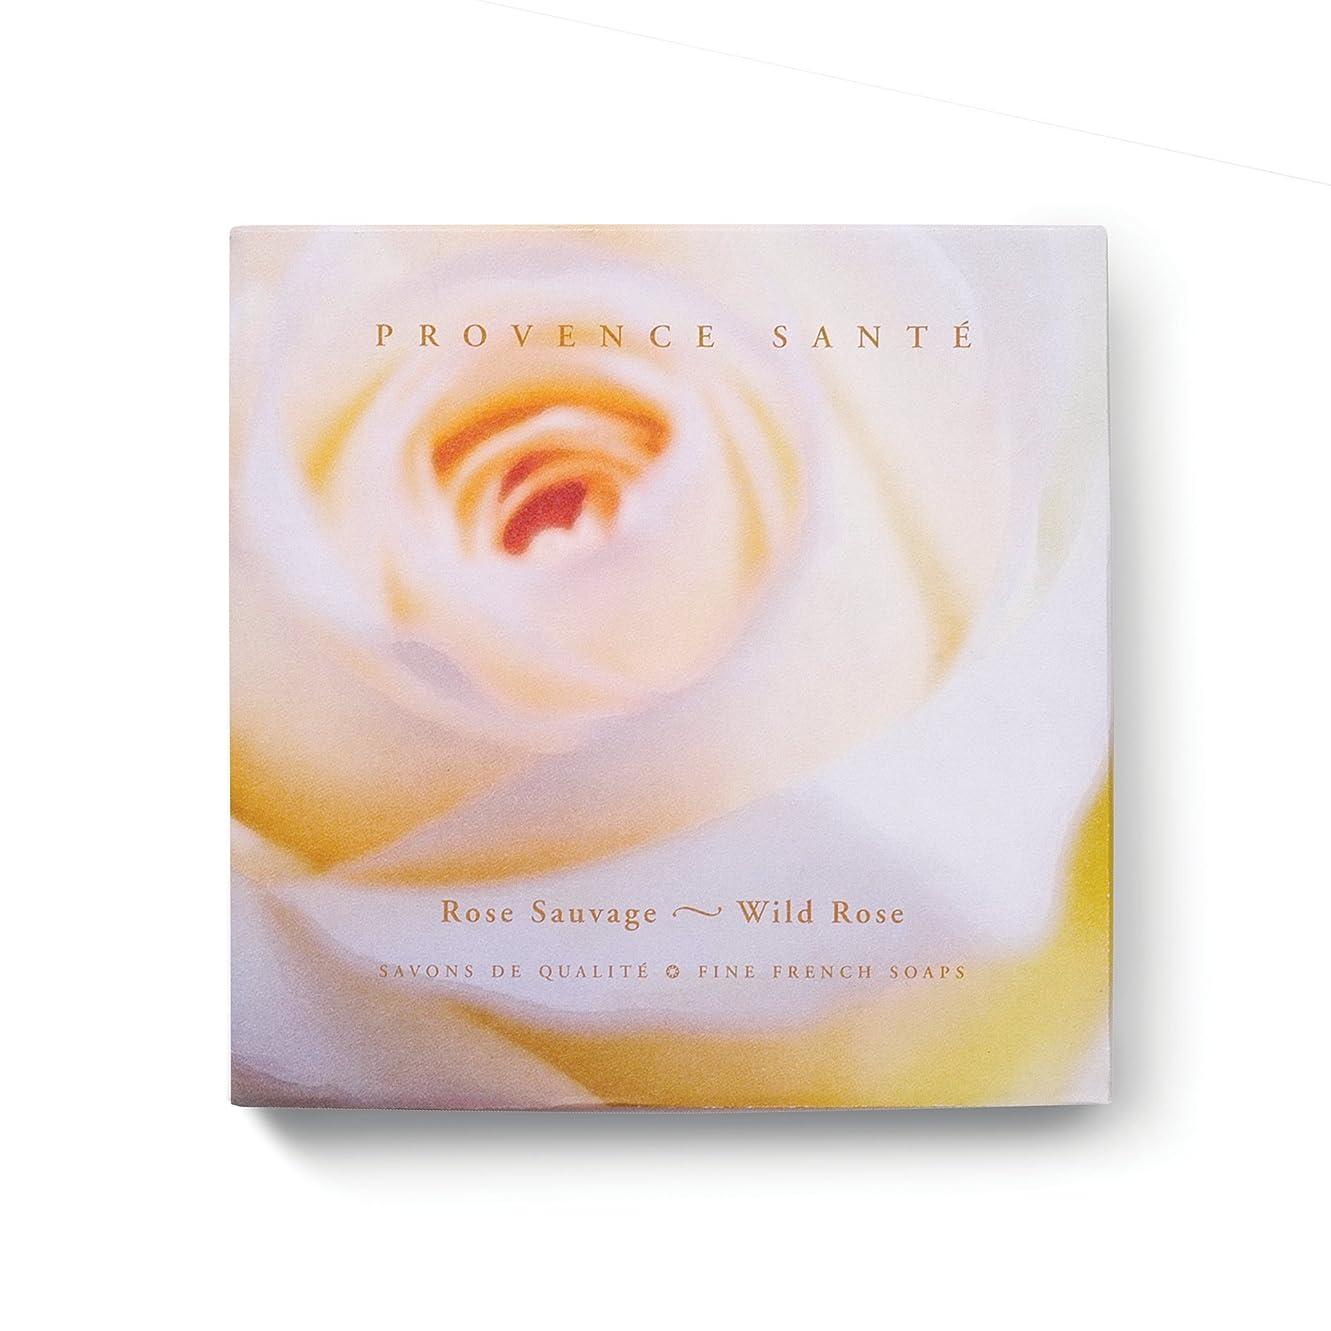 適格酸度ゲートProvence Sante PS Gift Soap Wild Rose, 2.7oz 4 Bar Gift Box by Provence Sante [並行輸入品]